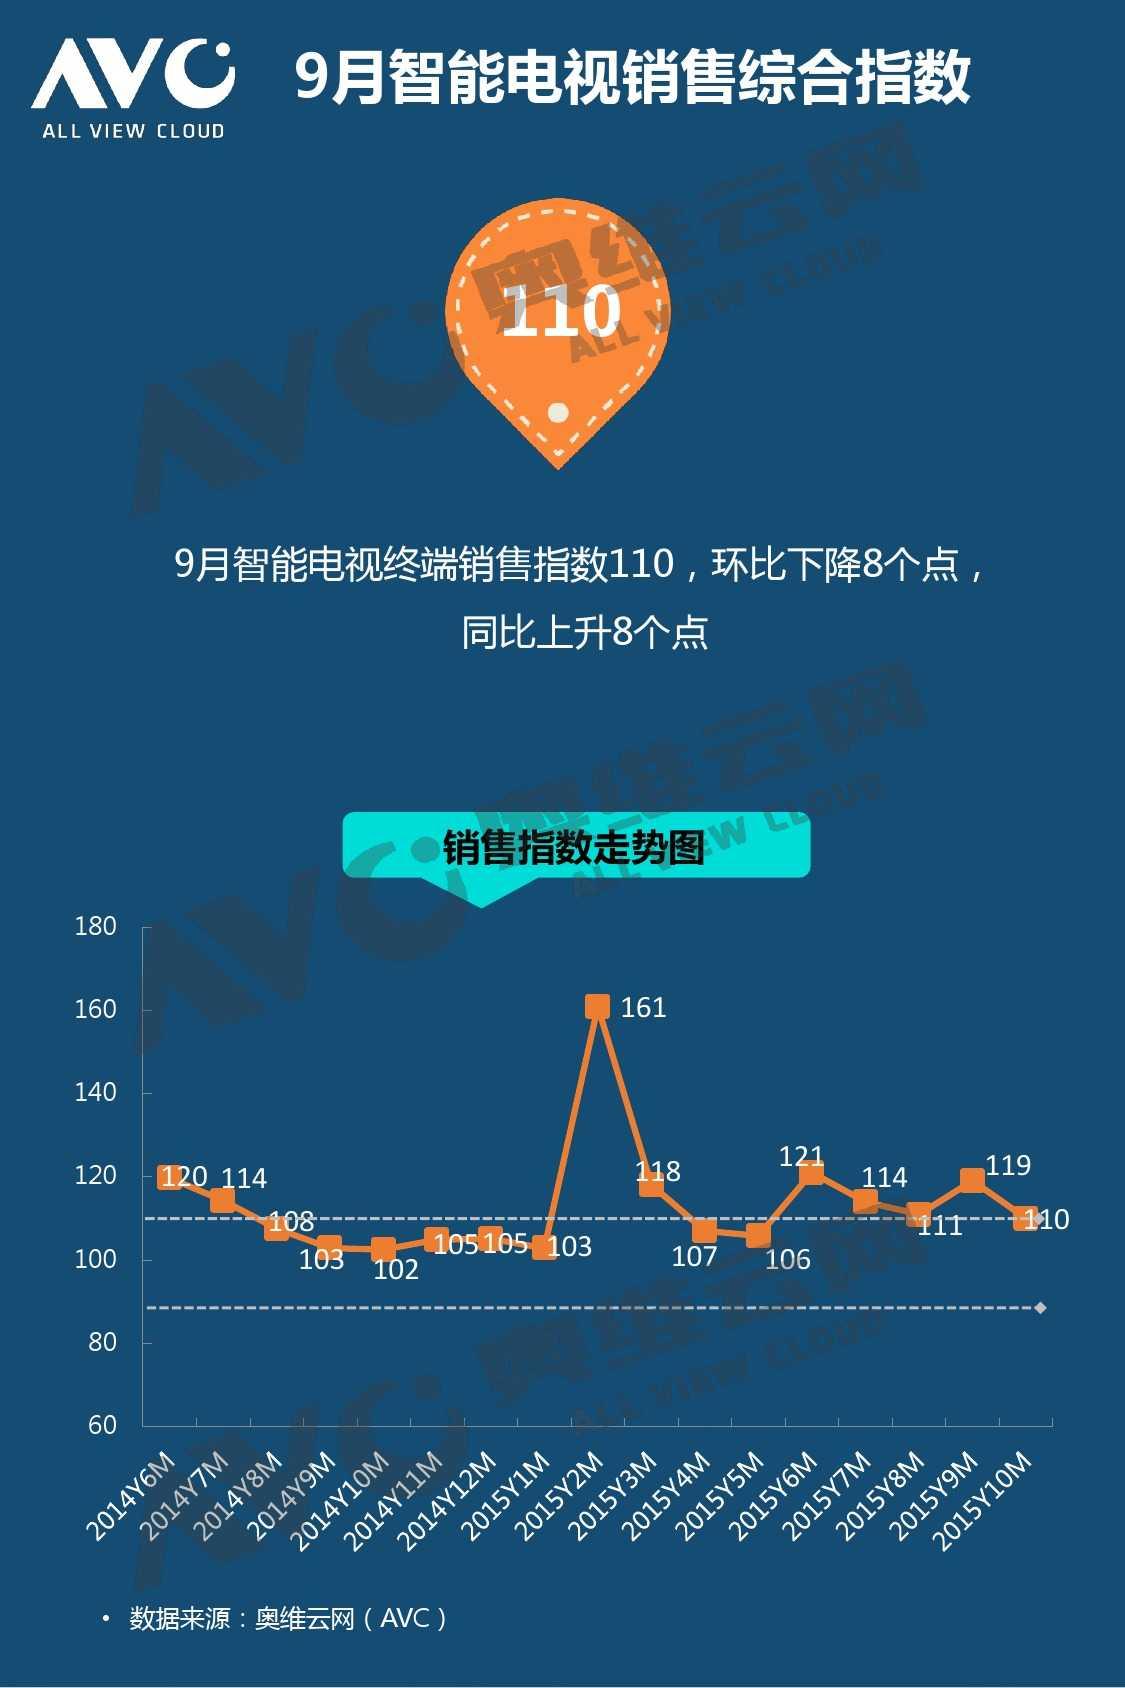 奥维云网:2015年10月份中国OTT发展研究_000004